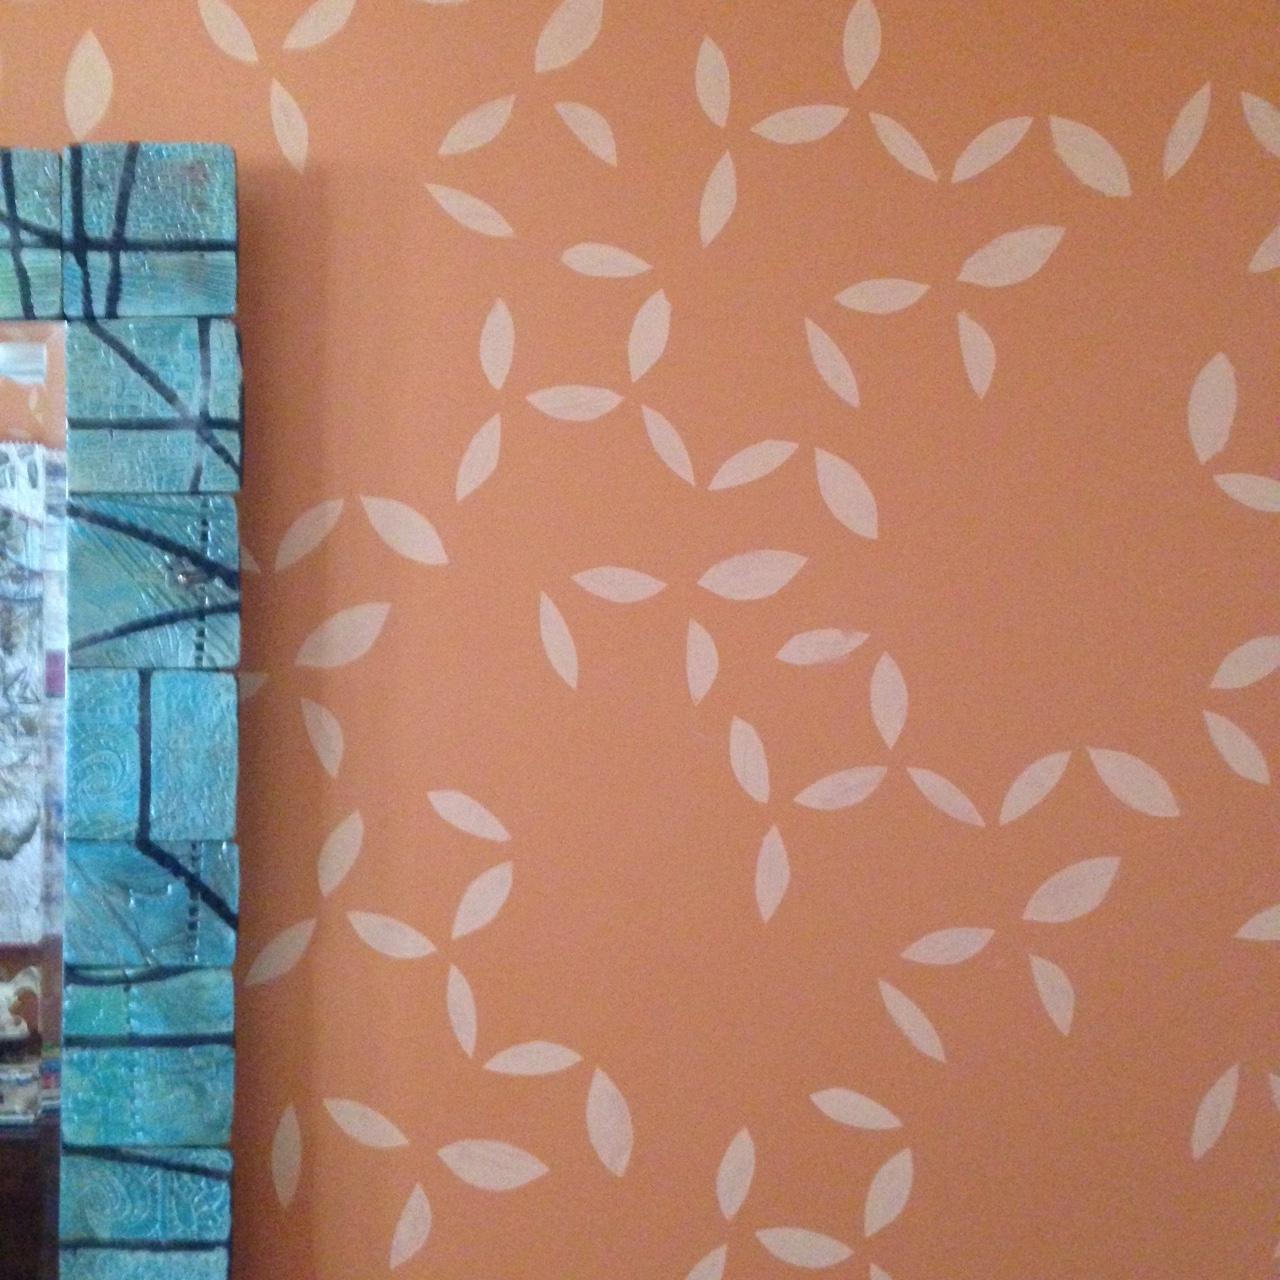 Leaf stenciled wall.